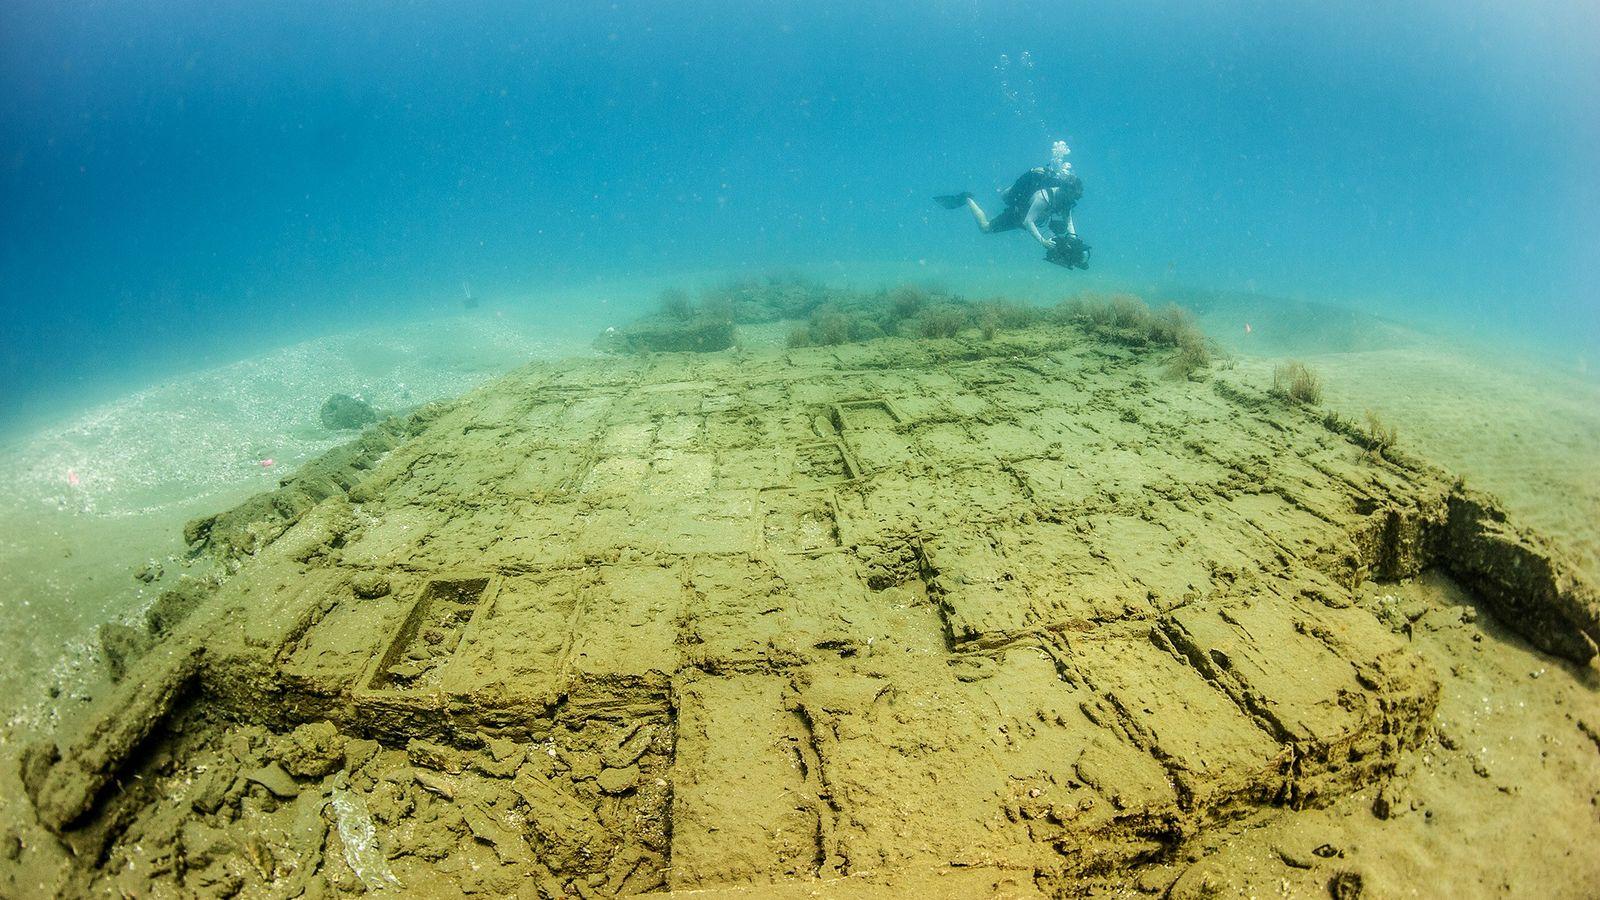 Um mergulhador inspeciona caixas de madeira num naufrágio espanhol do século 17 descoberto no Panamá.